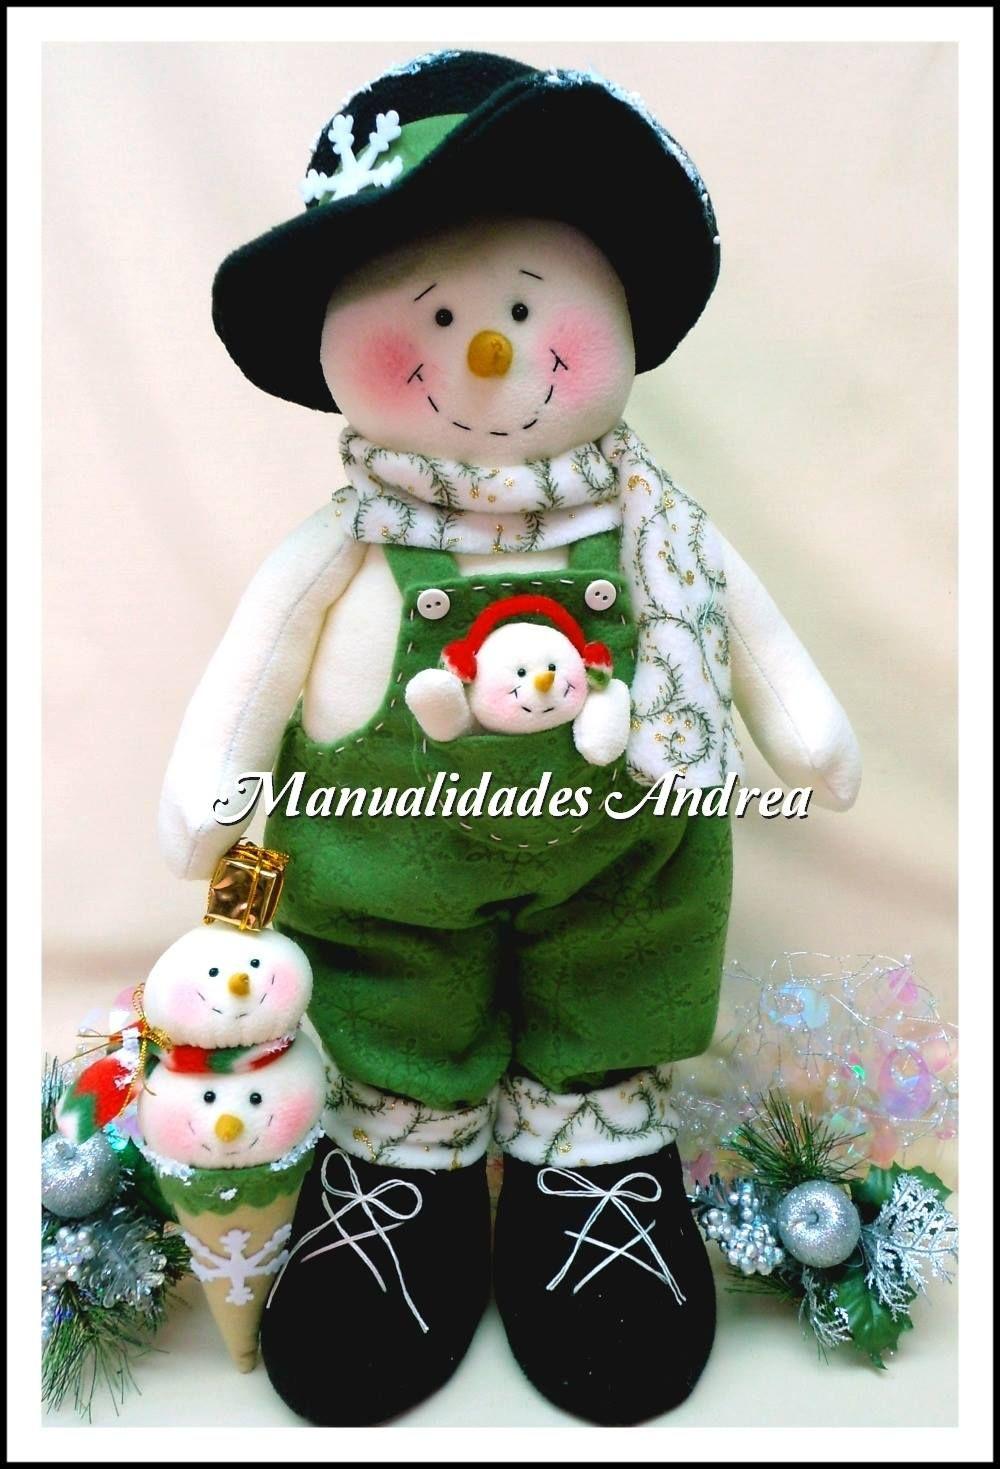 Pin von Татьяна Медведева auf нг | Pinterest | Weihnachten und Nähen